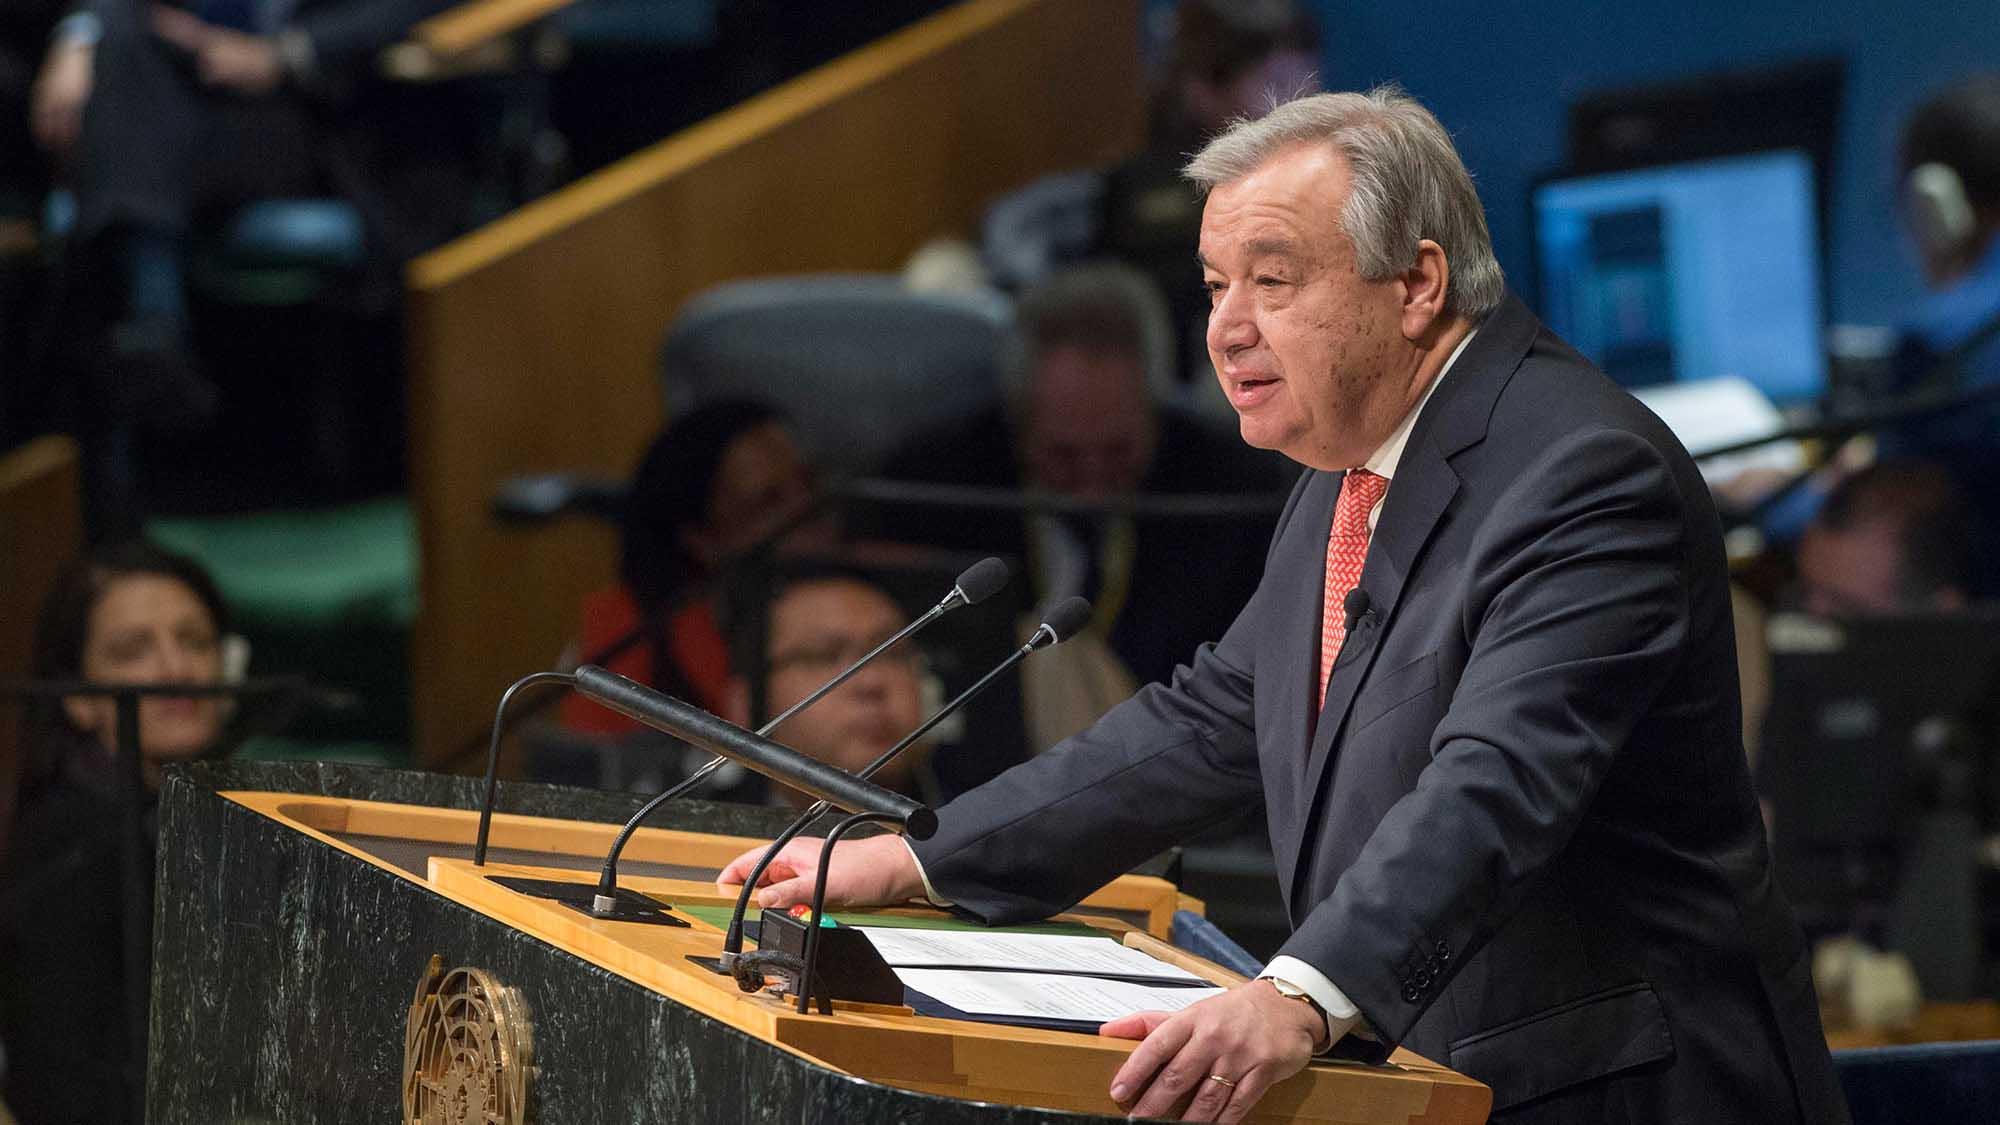 Antonio Guterres, jefe de la ONU, renovó su llamado a un diálogo político urgente y dijo que apoya esfuerzos de mediación regionales